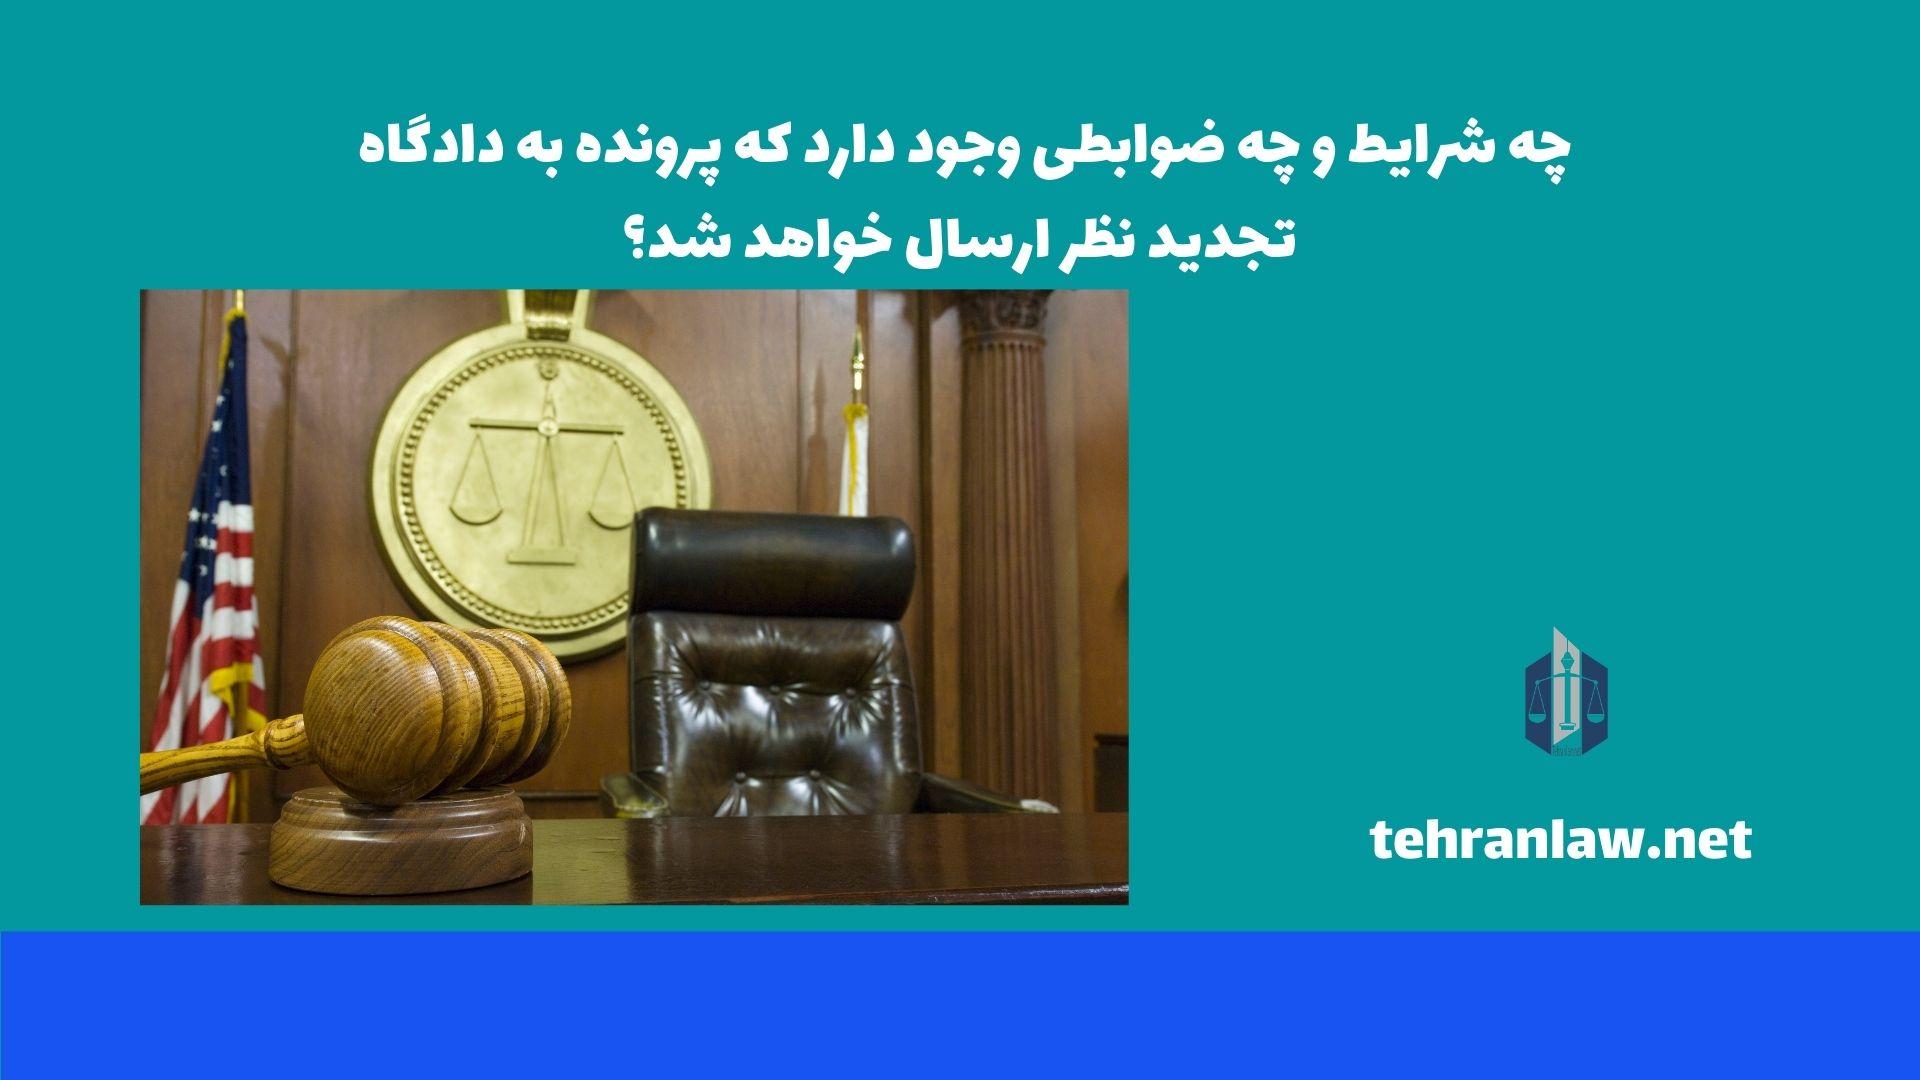 چه شرایط و چه ضوابطی وجود دارد که پرونده به دادگاه تجدید نظر ارسال خواهد شد؟